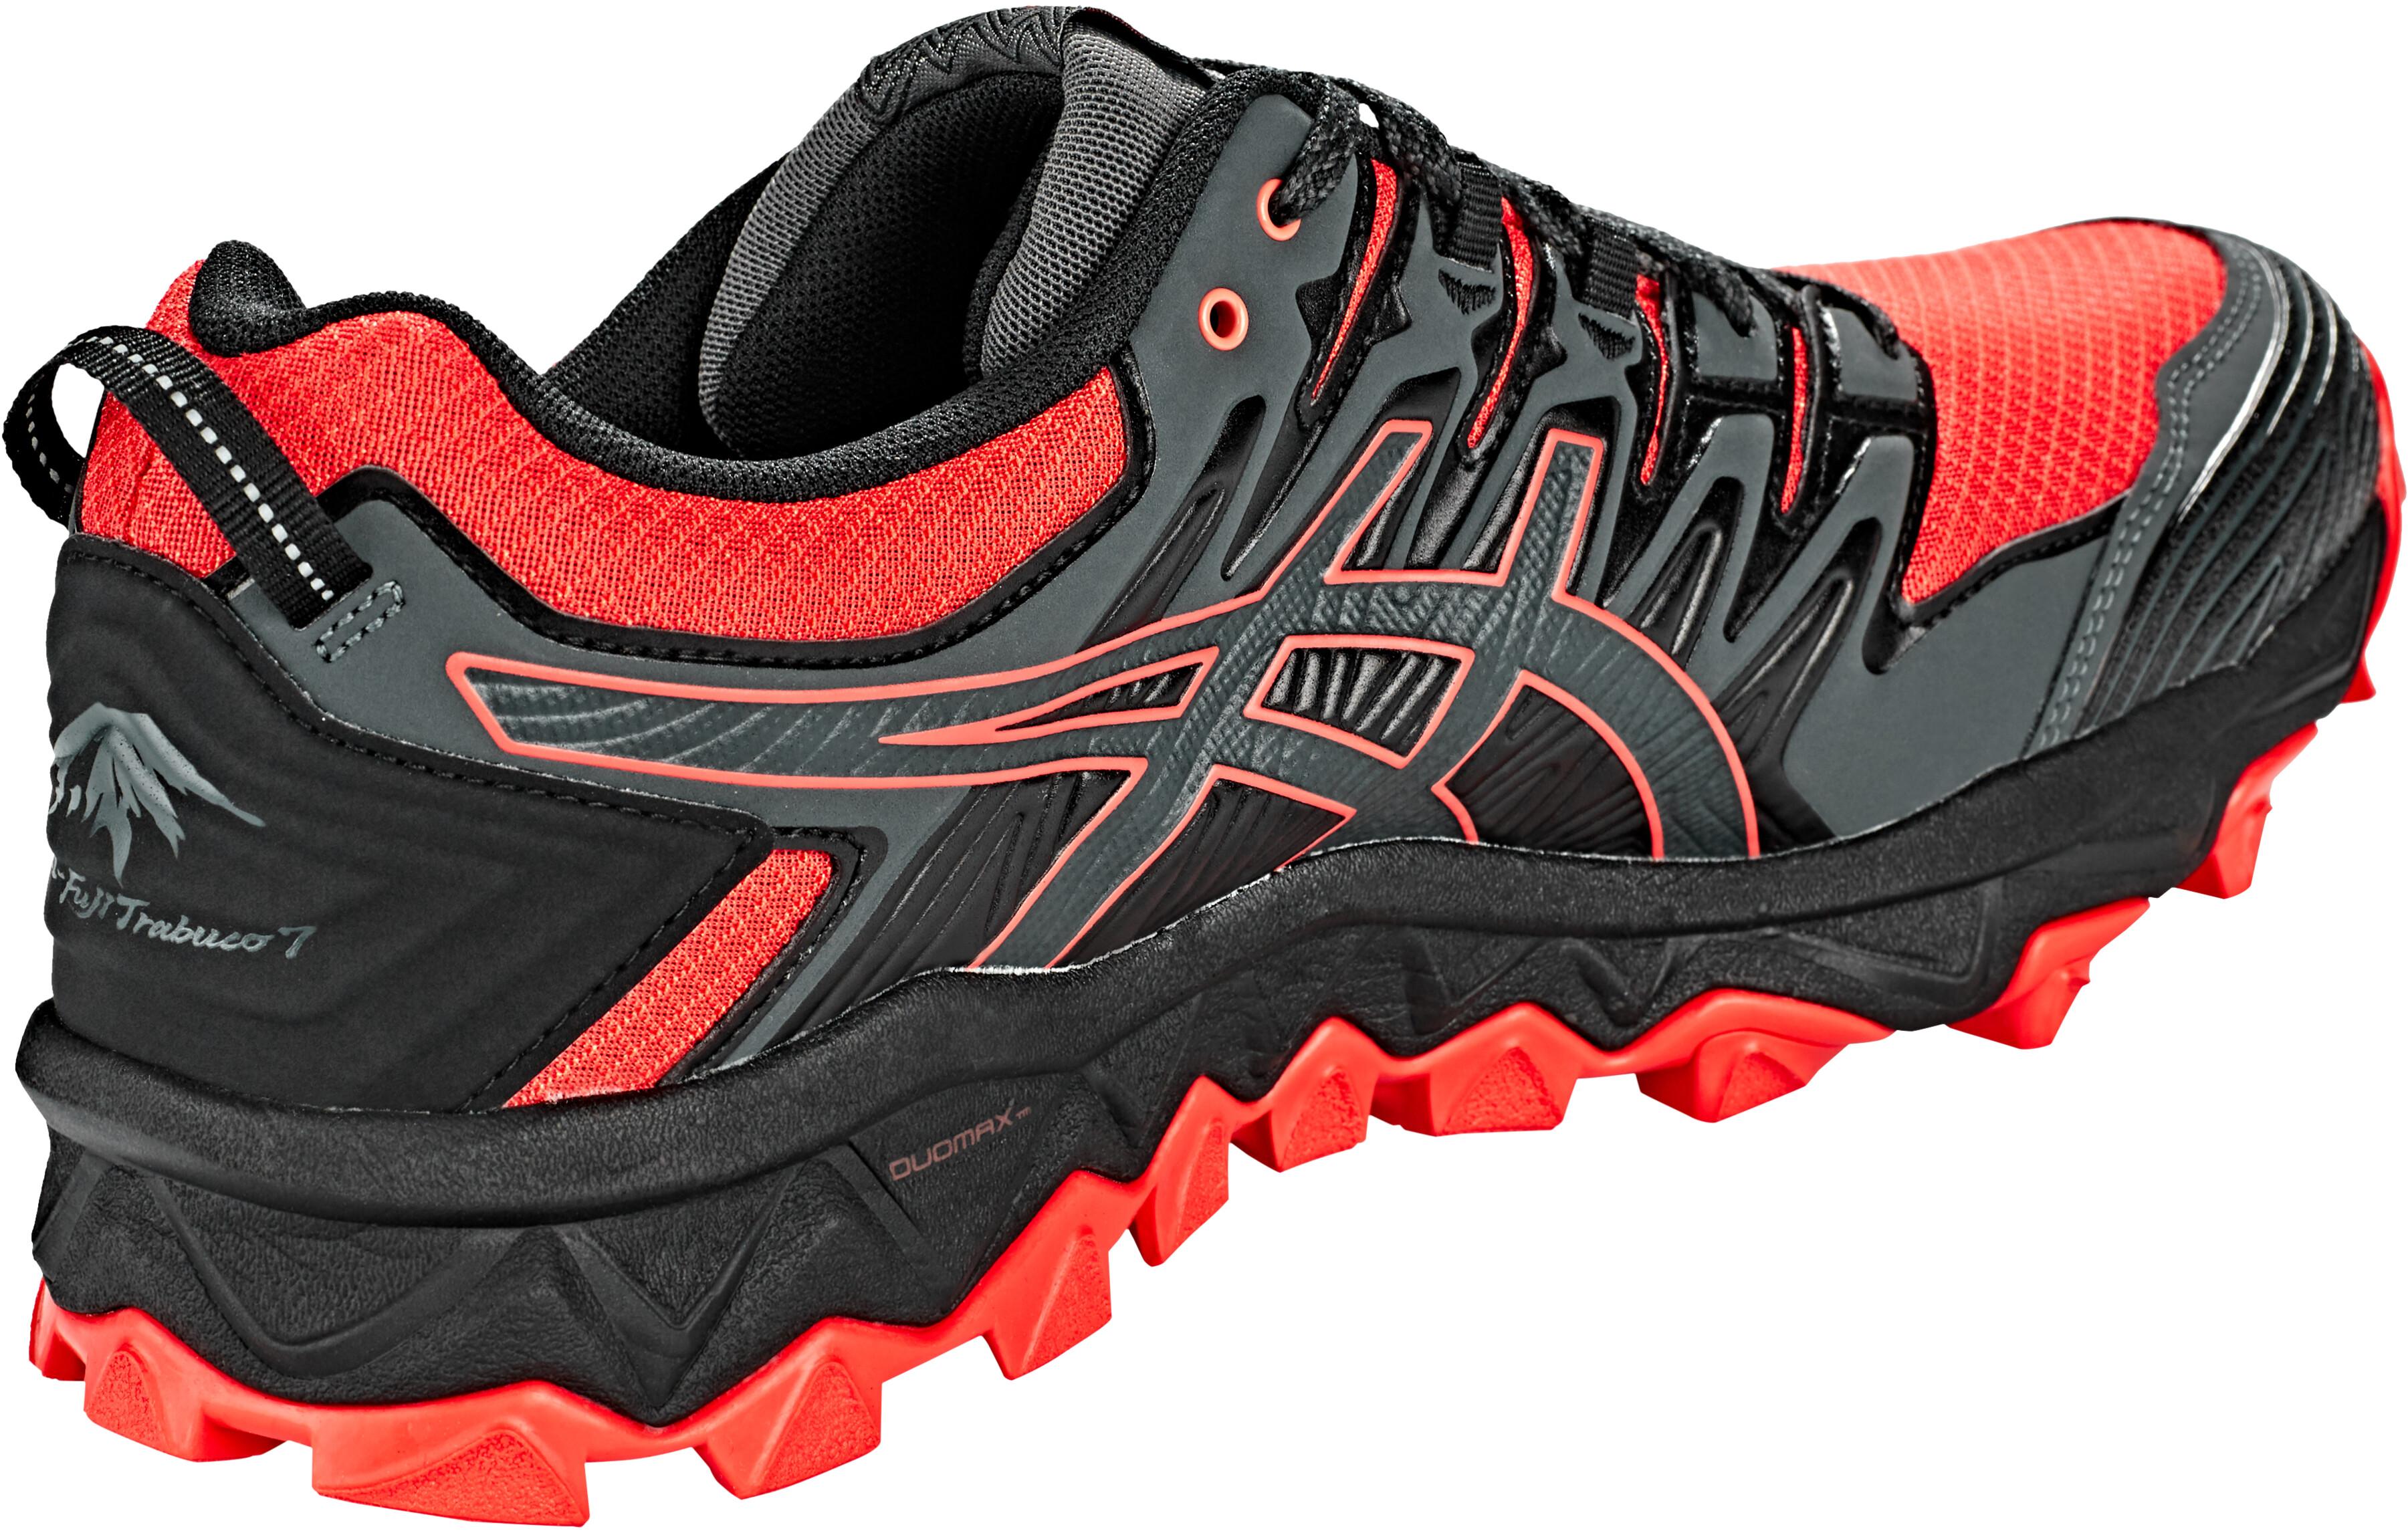 asics Gel-FujiTrabuco 7 G-TX scarpe da corsa Uomo grigio rosso su ... e0d70a9c160